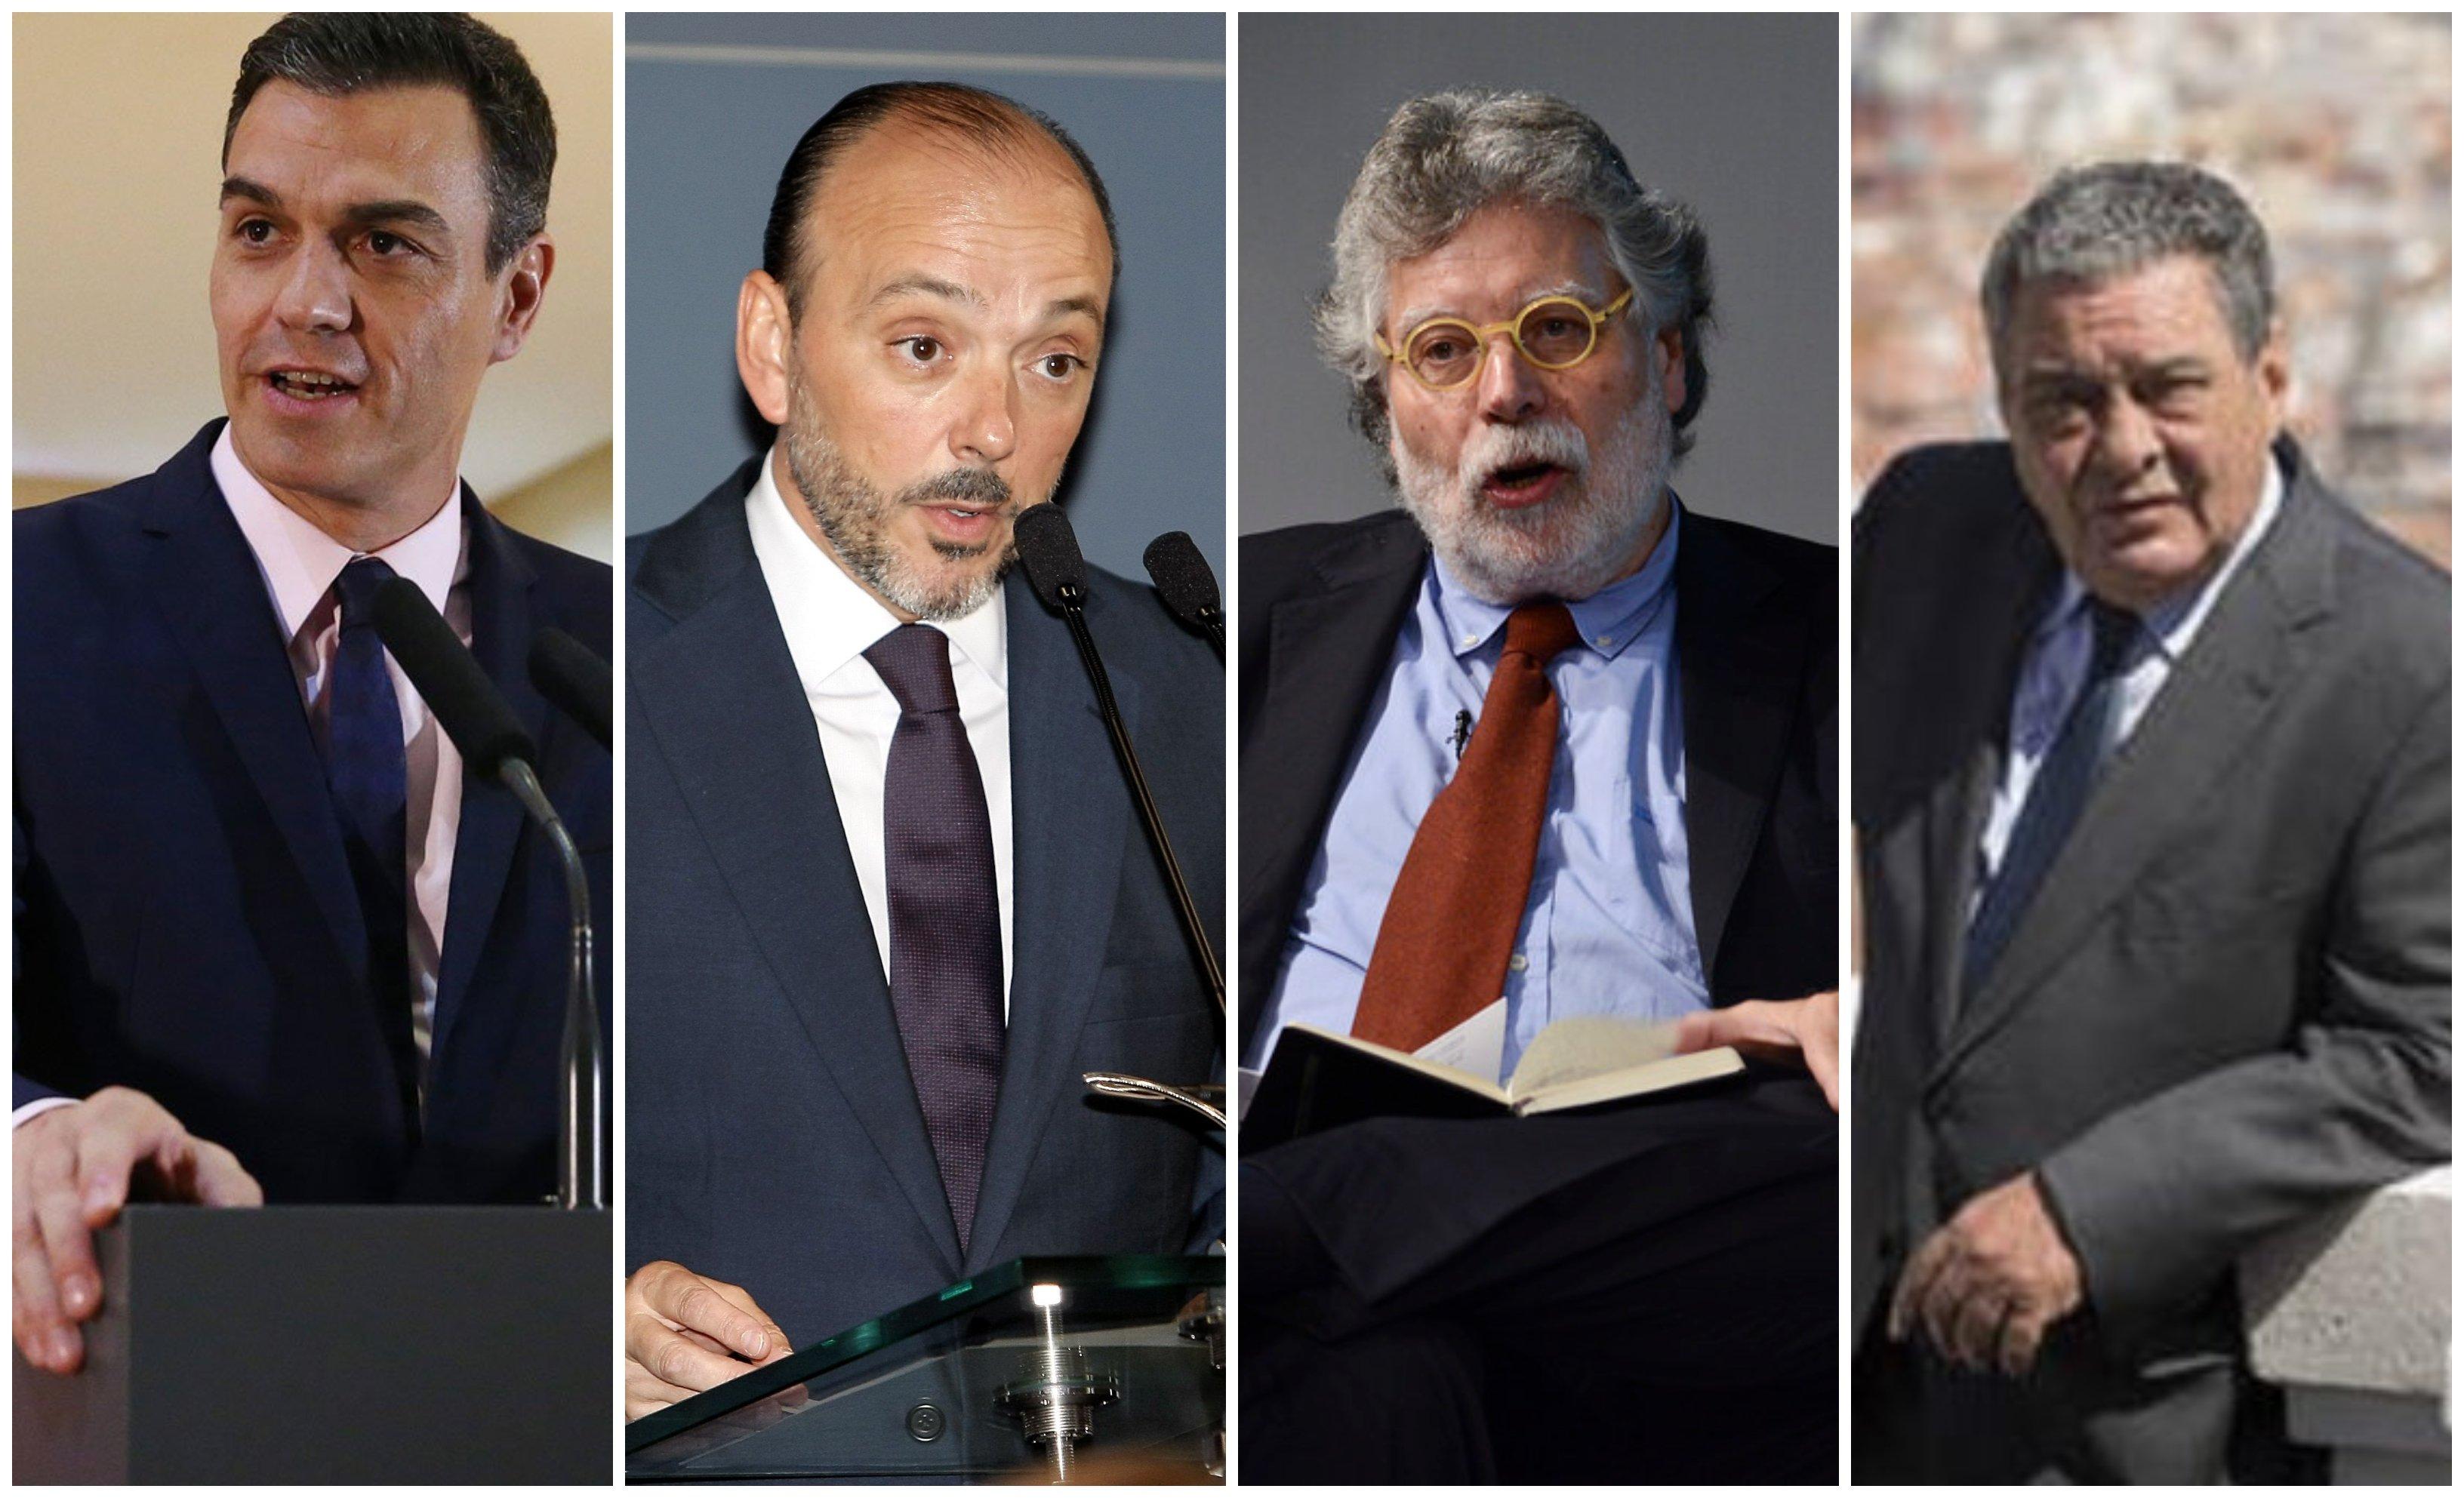 El 'task force' de Sánchez para ganar las elecciones: Javier Monzón, Joaquín Estefanía y Augusto Delkáder